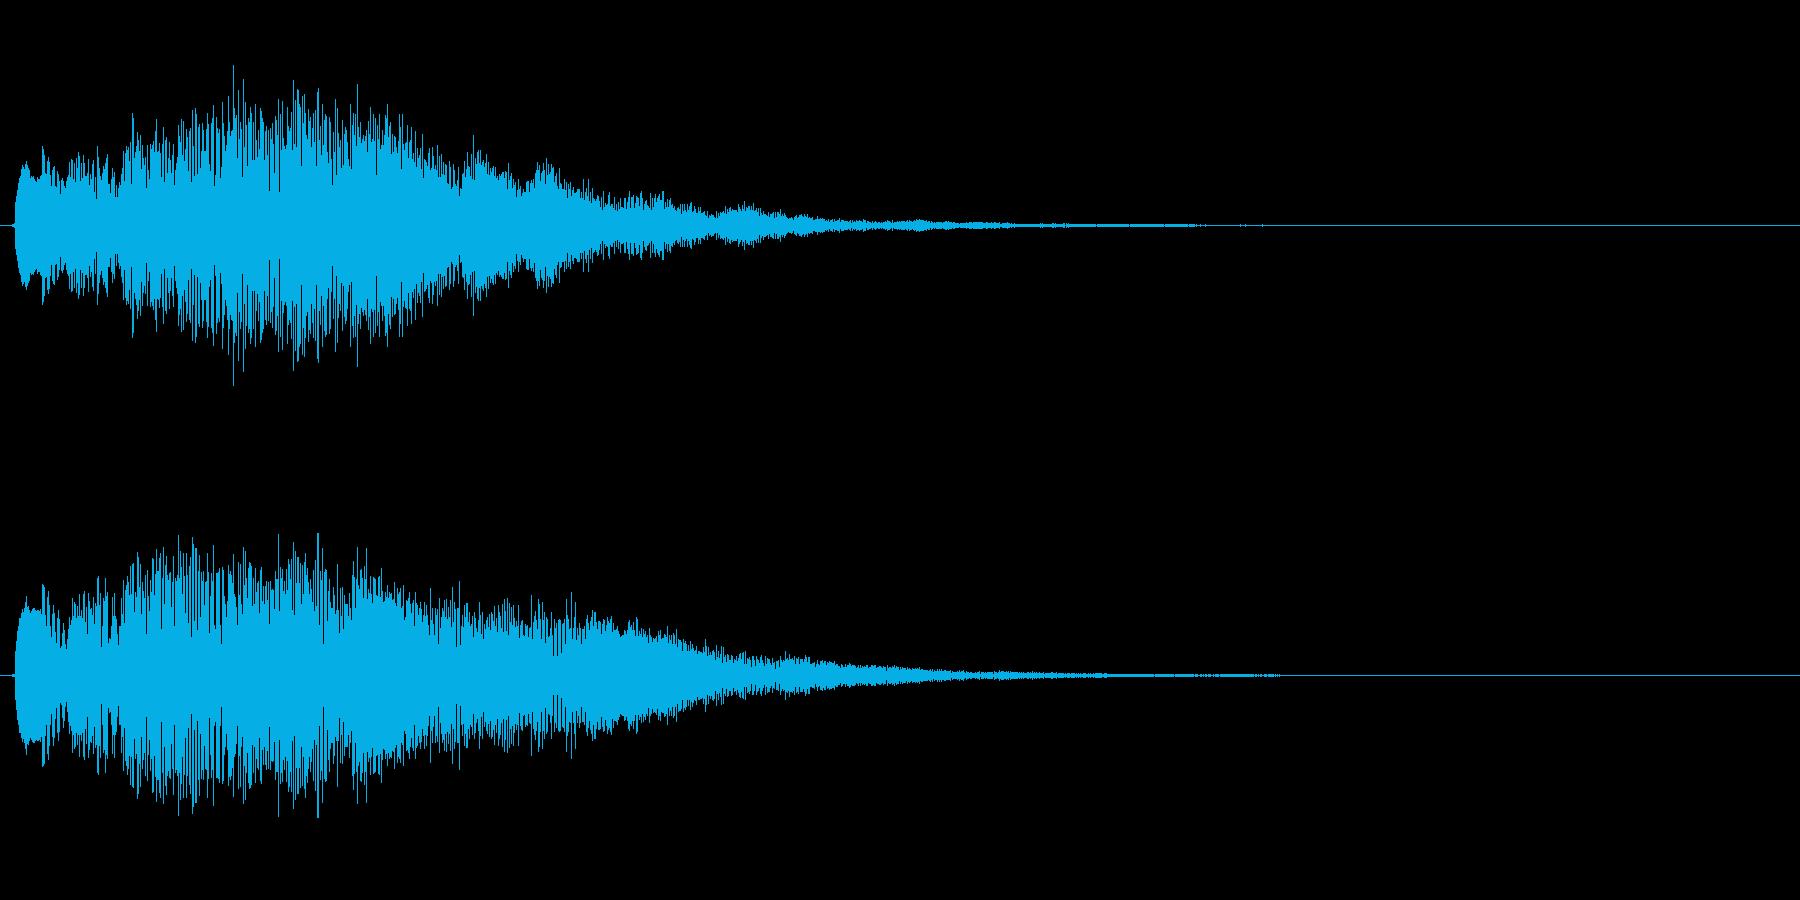 キラキラしたベルの上昇音4の再生済みの波形